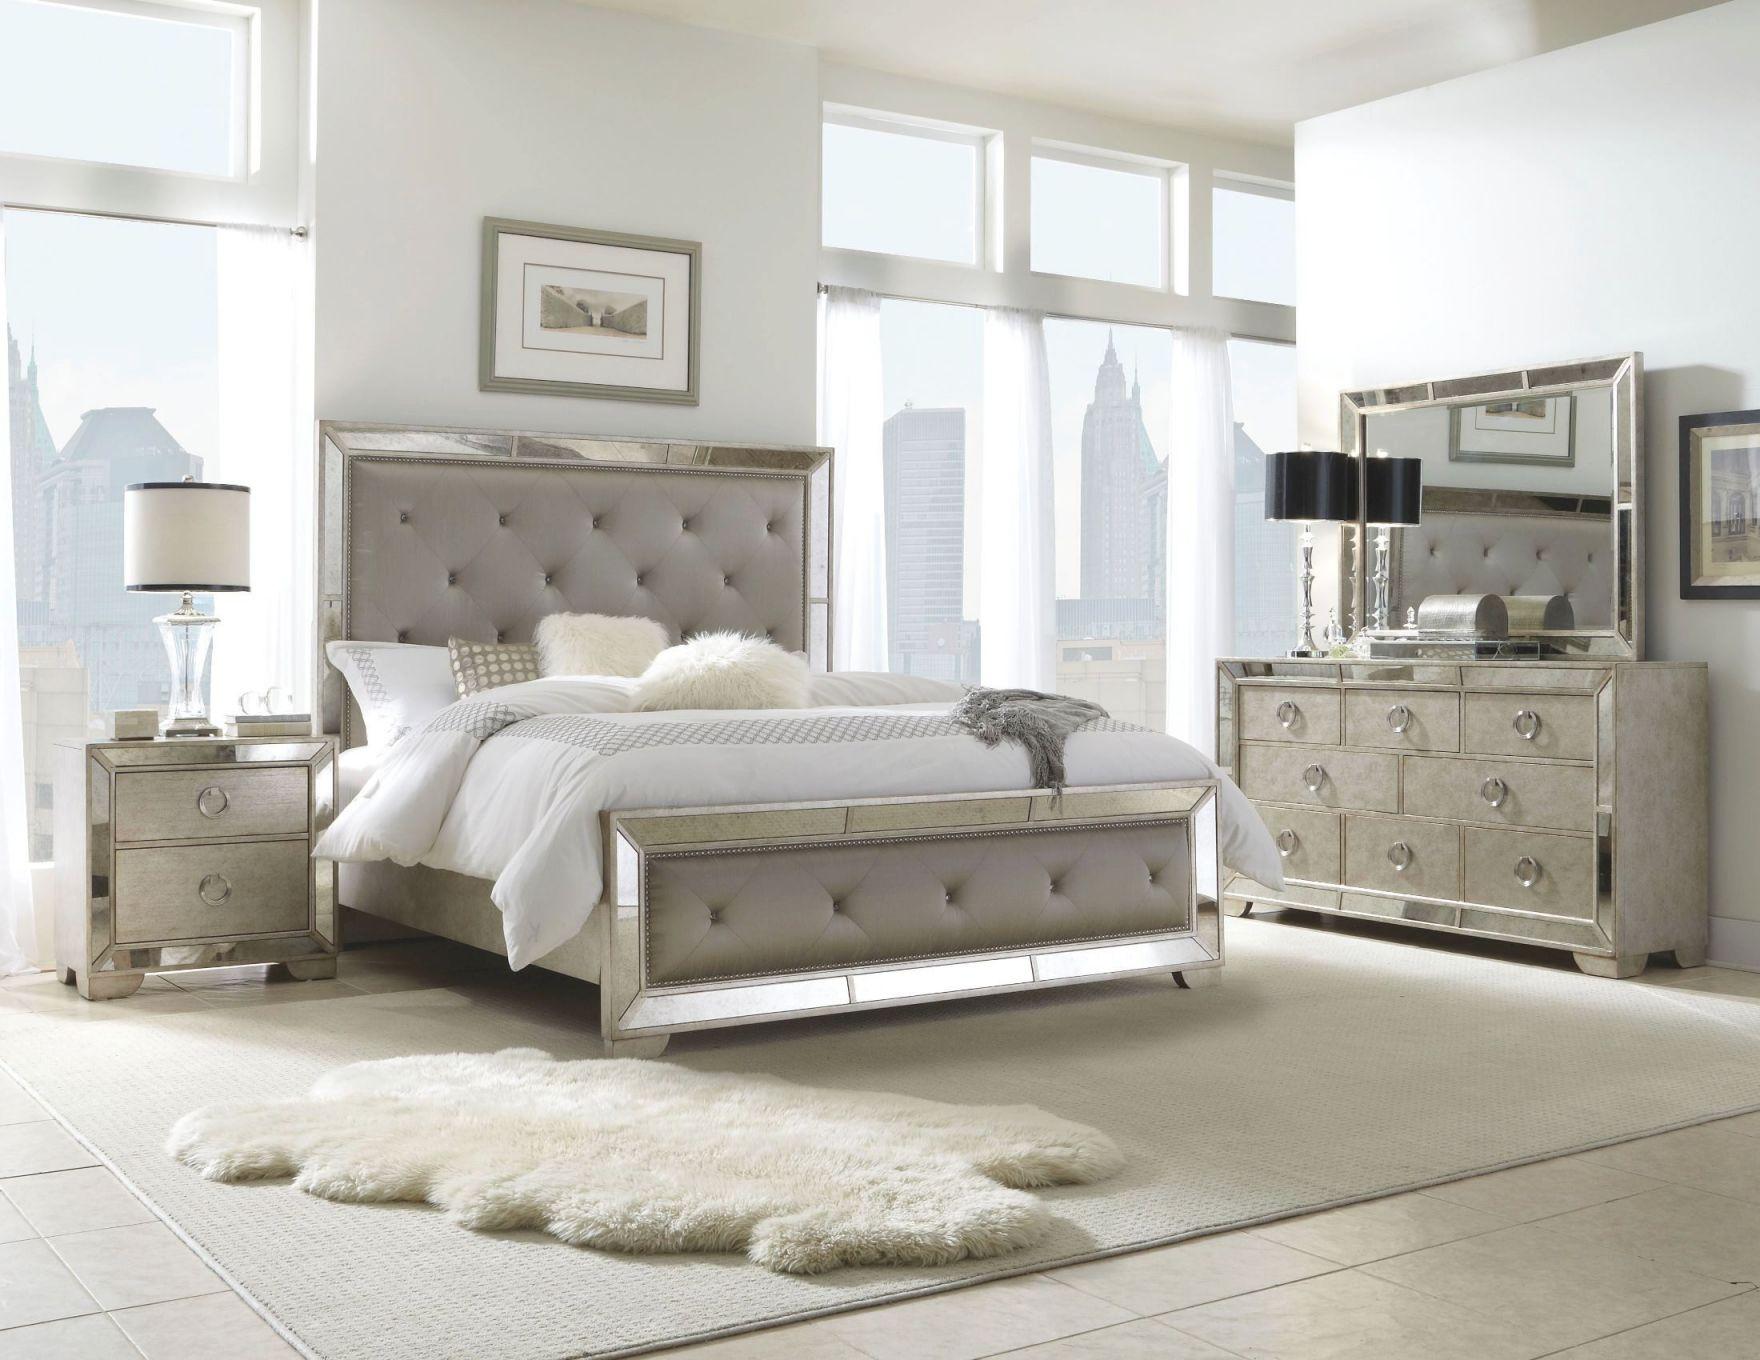 Ava Platform Bedroom Set pertaining to Beautiful Bedroom Set Queen